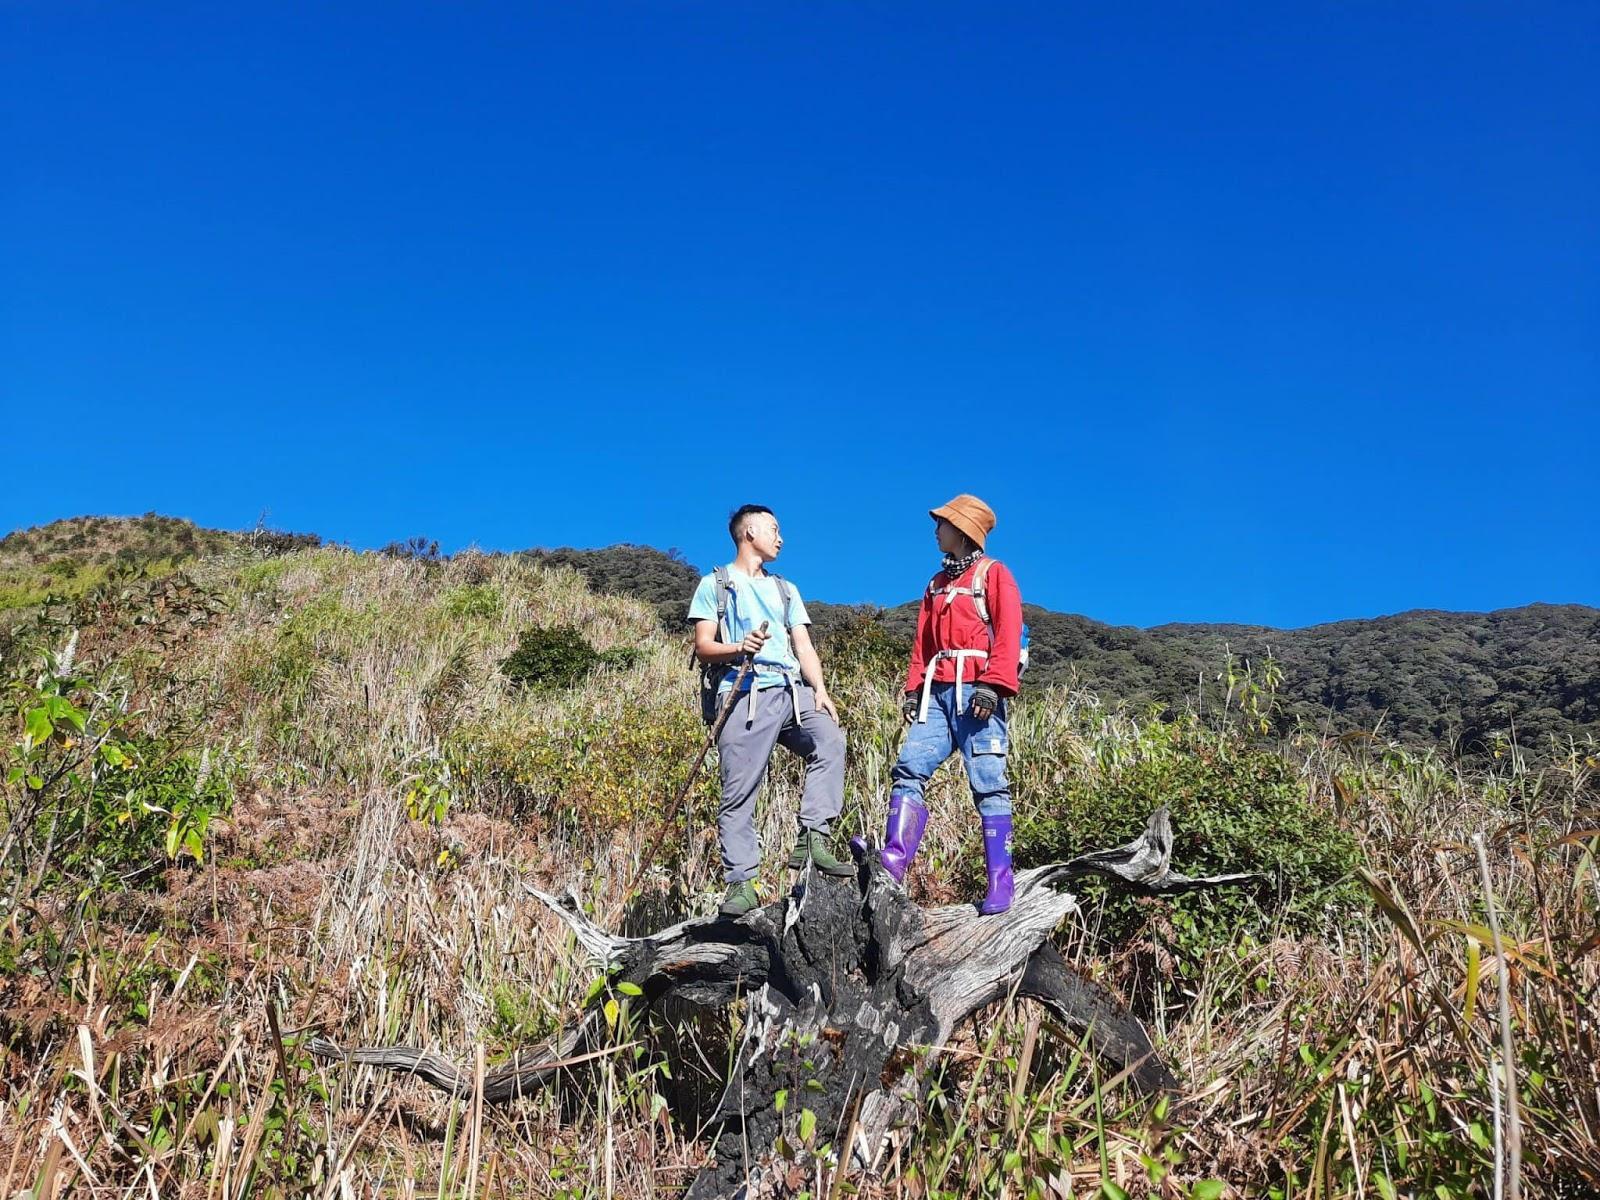 Cô kỹ sư nông nghiệp chinh phục 15 đỉnh núi cao ở Việt Nam trong 2 năm - 2